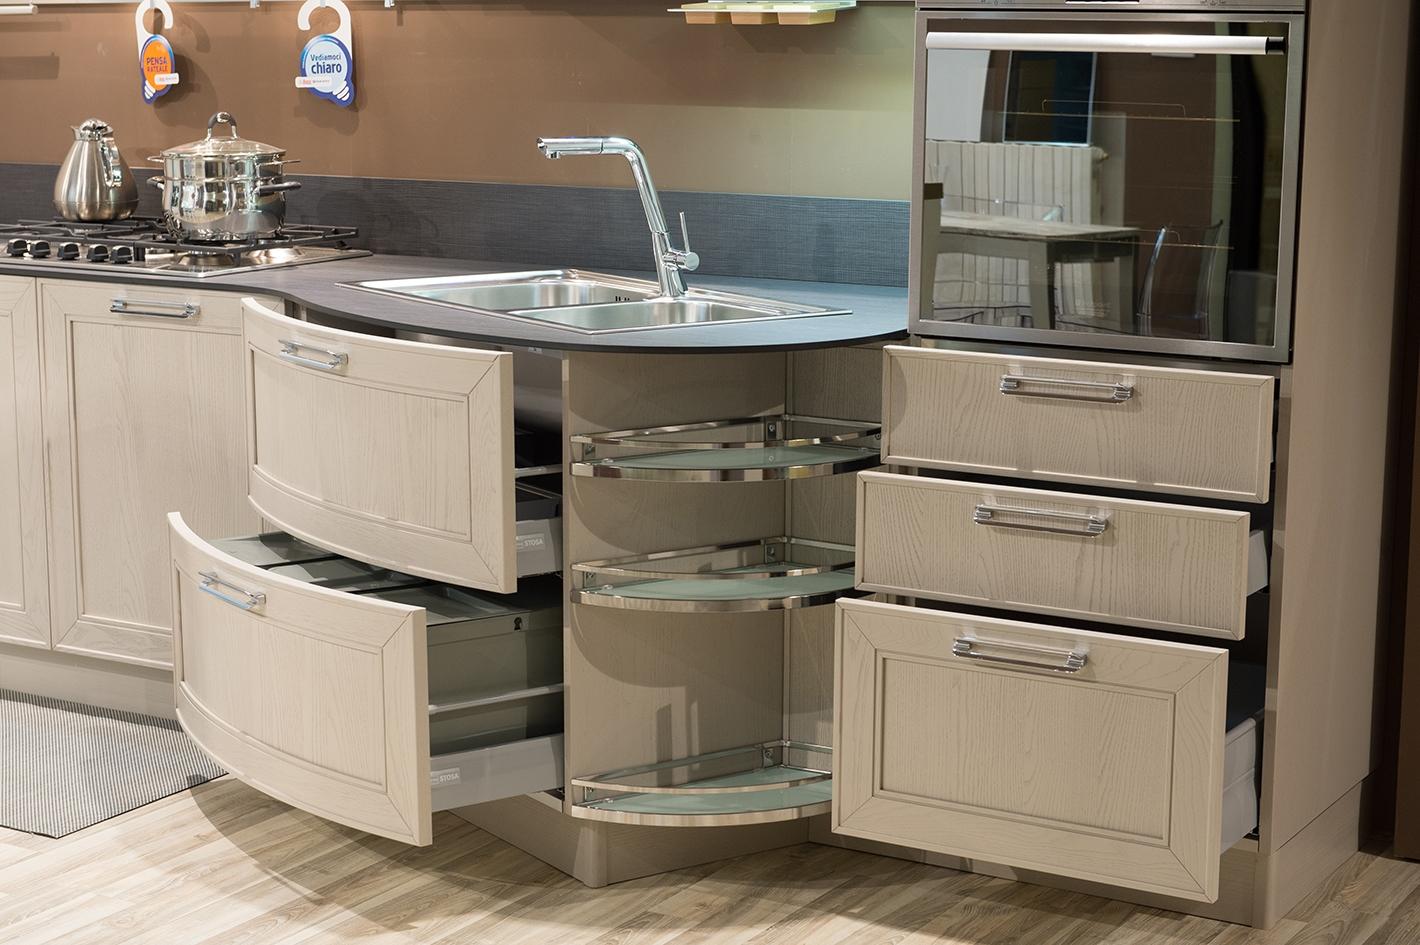 Cucina stosa maxim in offerta completa di elettrodomestici for Cucine in offerta prezzi